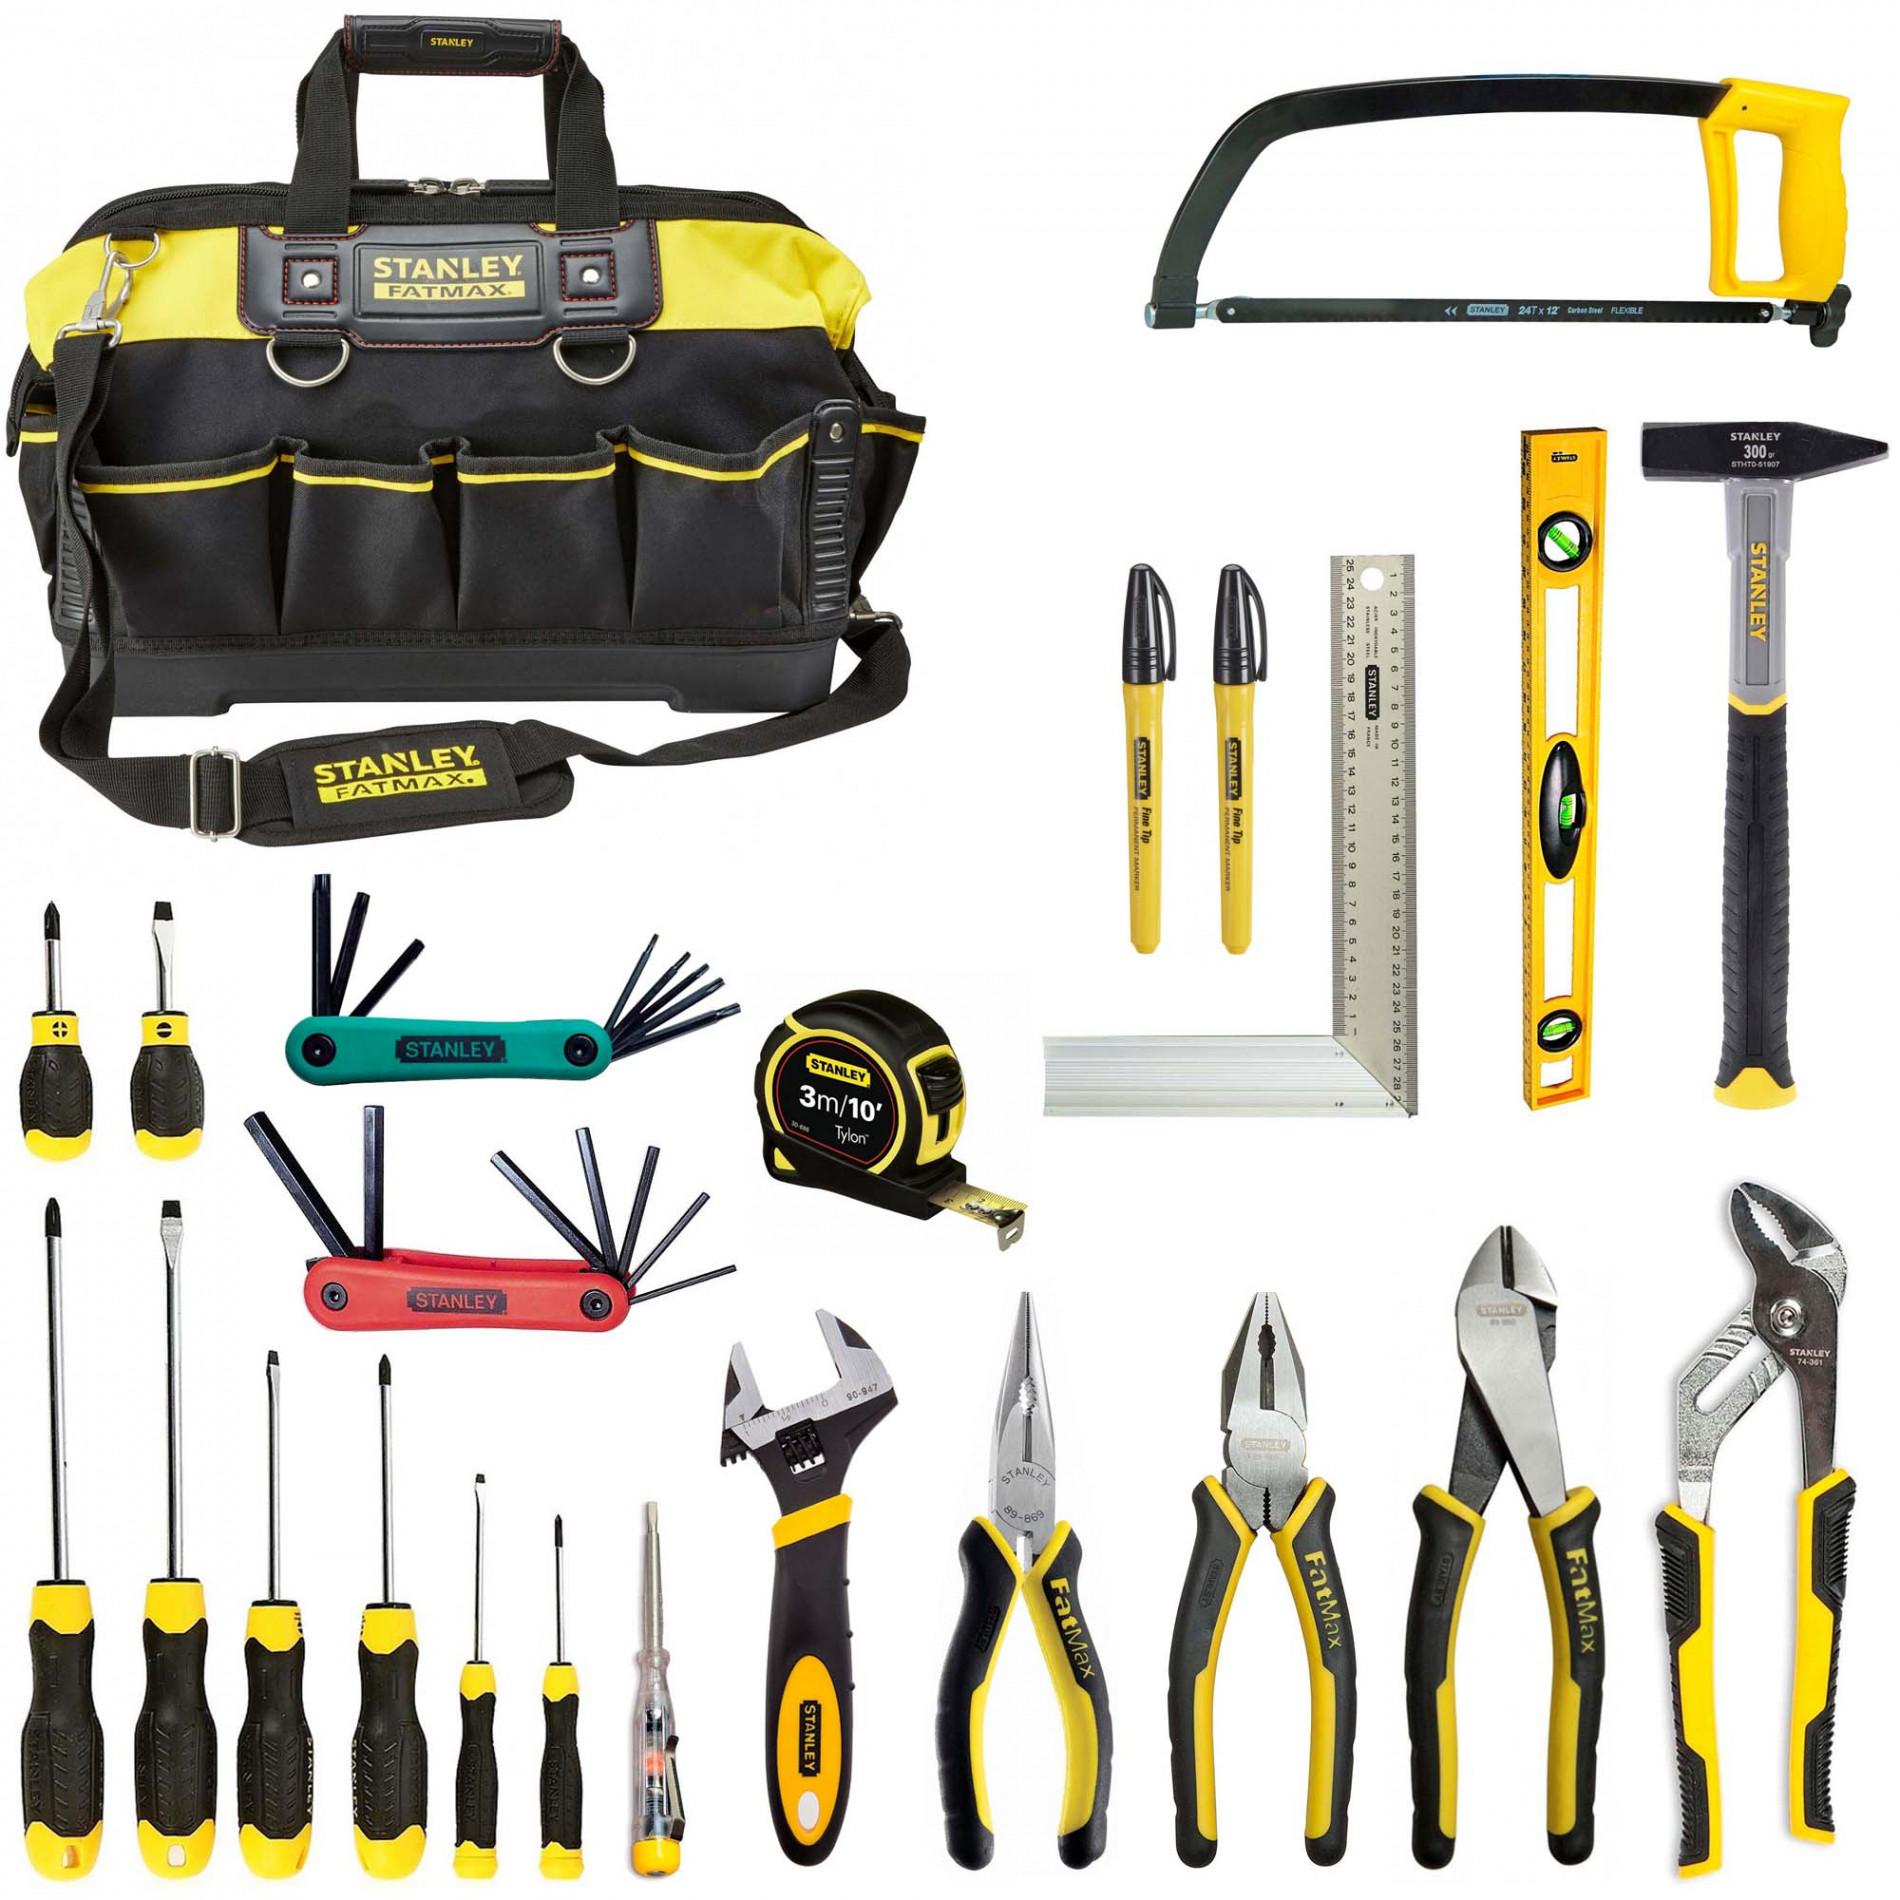 Новинка: набор профессиональных инструментов для дома!